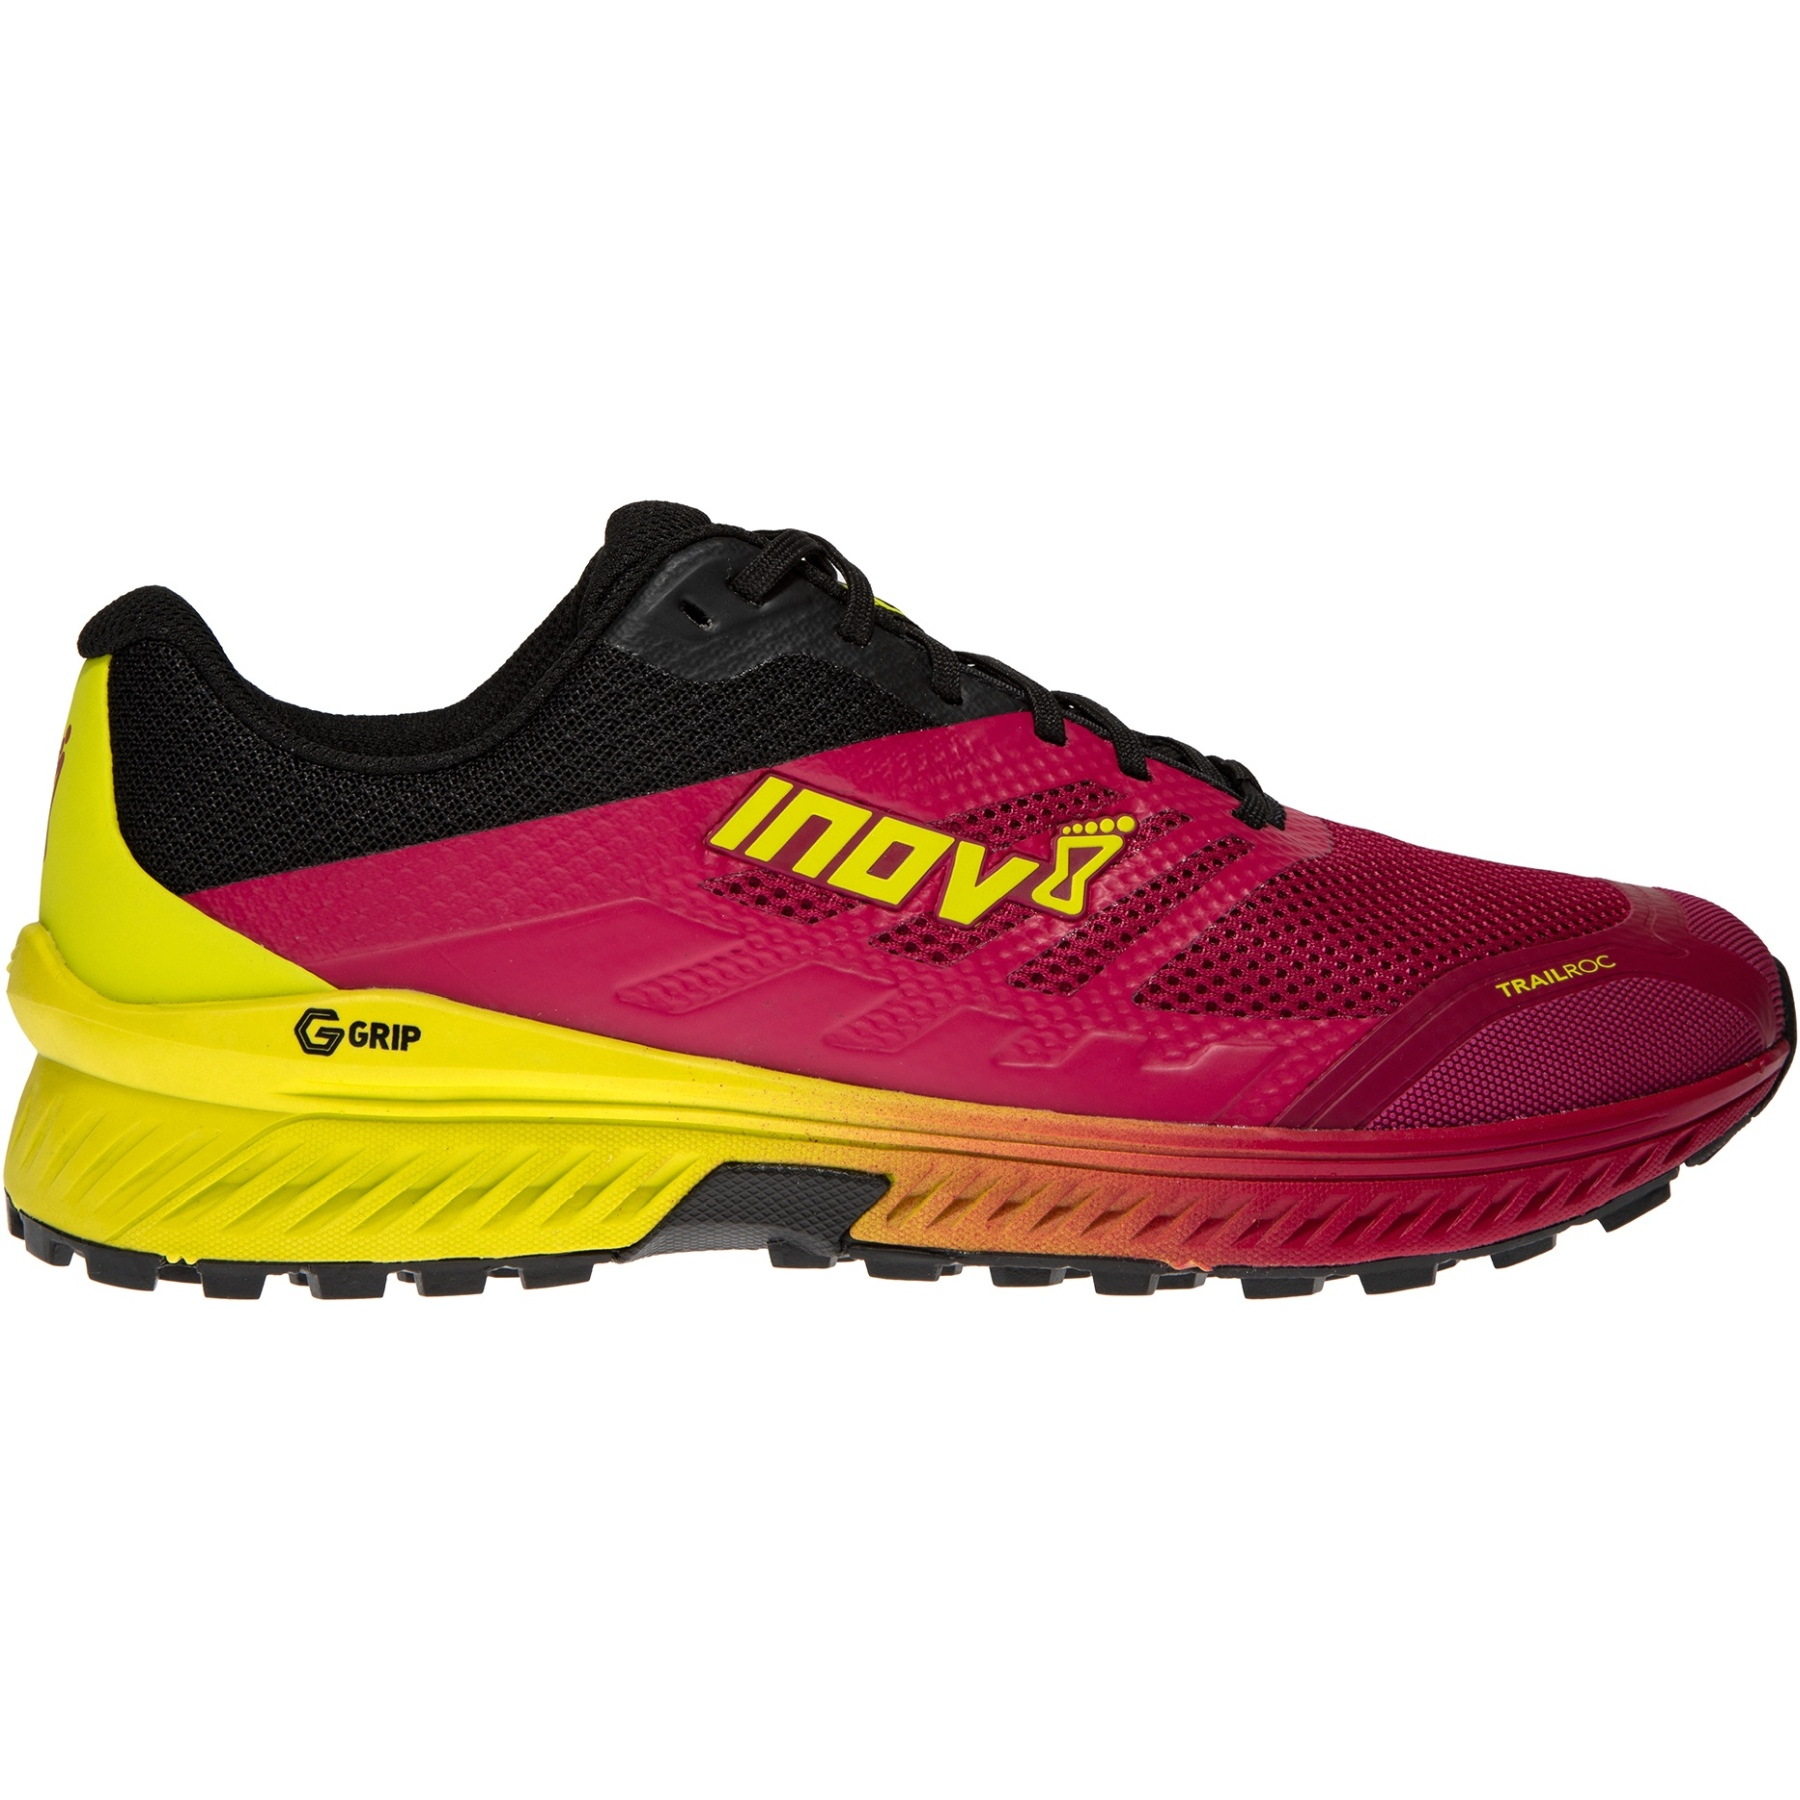 Produktbild von Inov-8 Trailroc™ G 280 Damen Trail Laufschuhe - pink/yellow